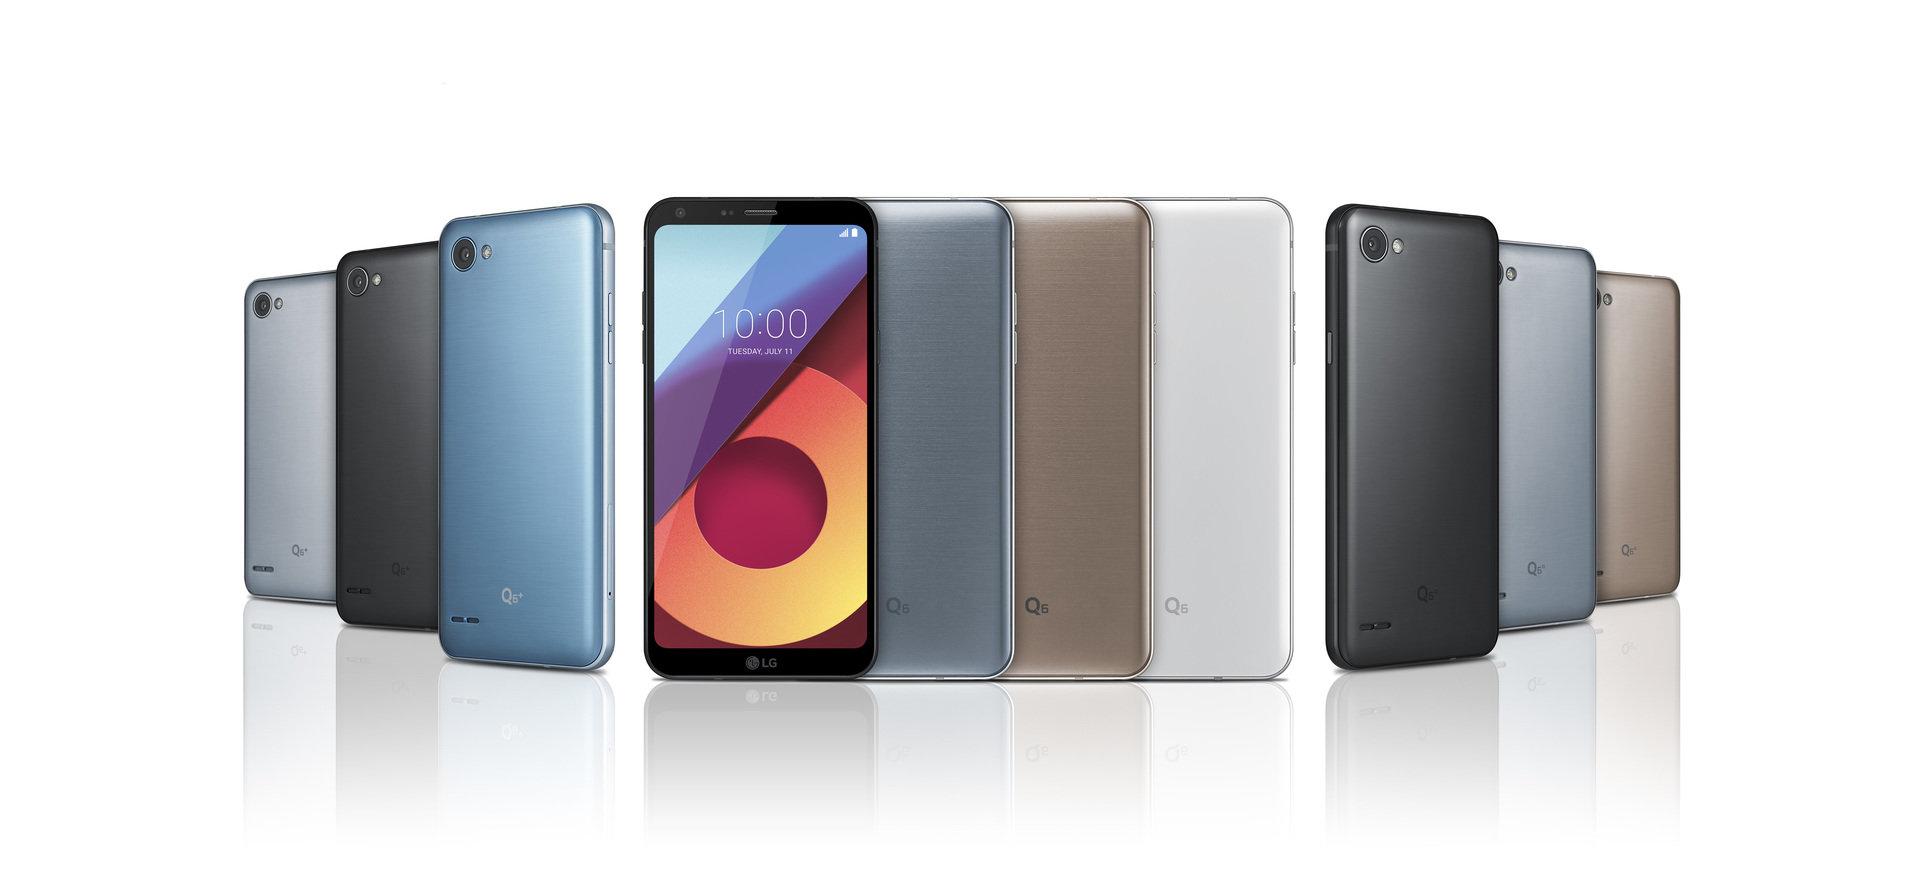 Premiera: LG Q6 pierszy smartfon klasy średniej z ekranem FULL VISION wchodzi na globalny rynek